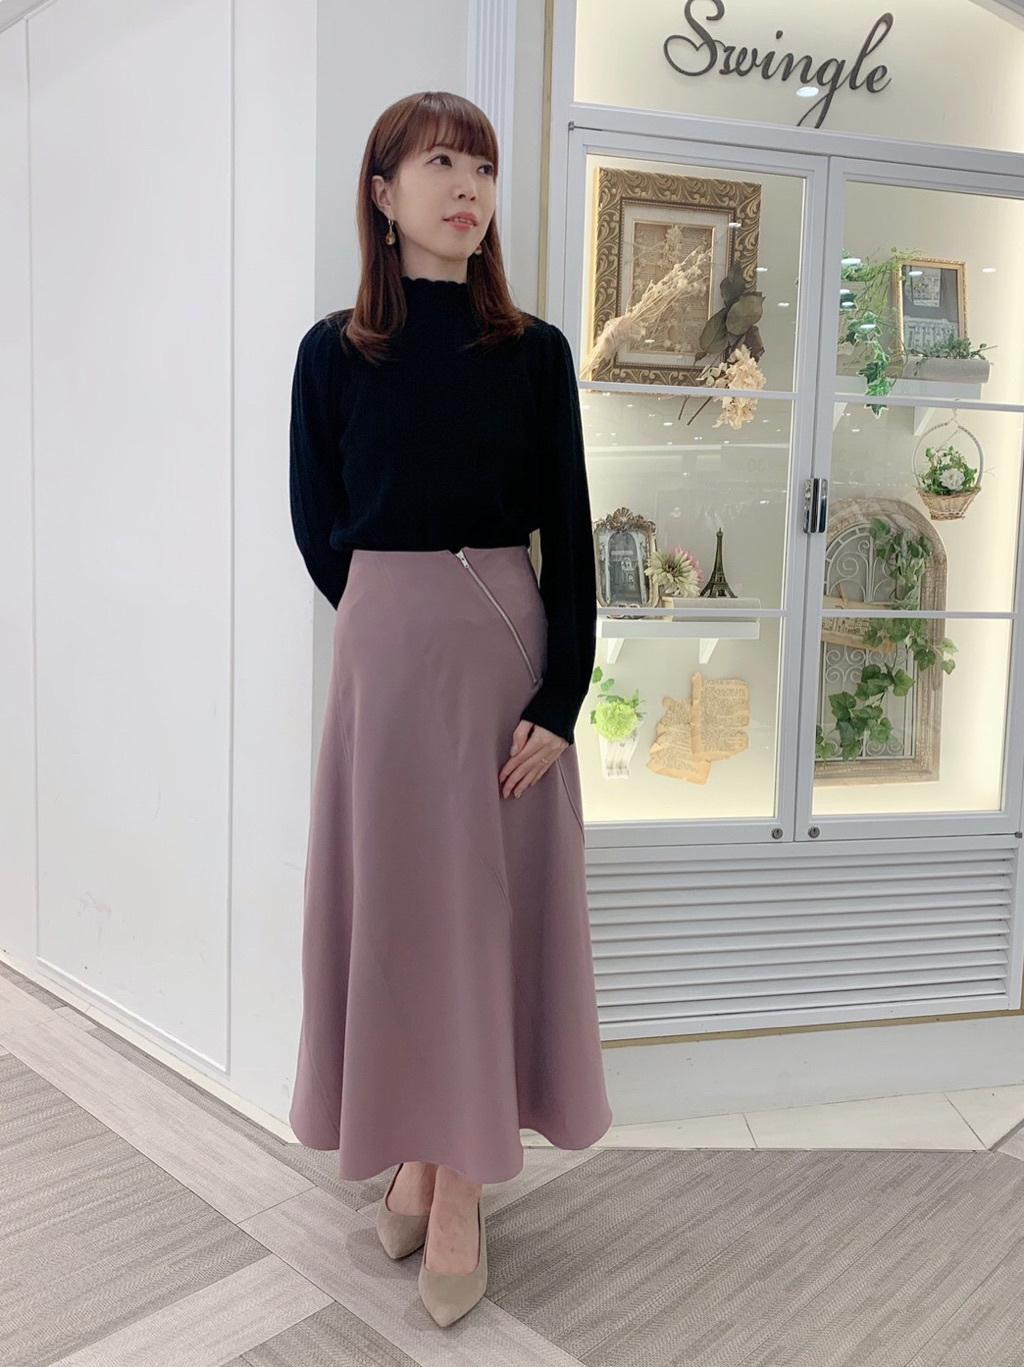 近藤佳奈(160cm)